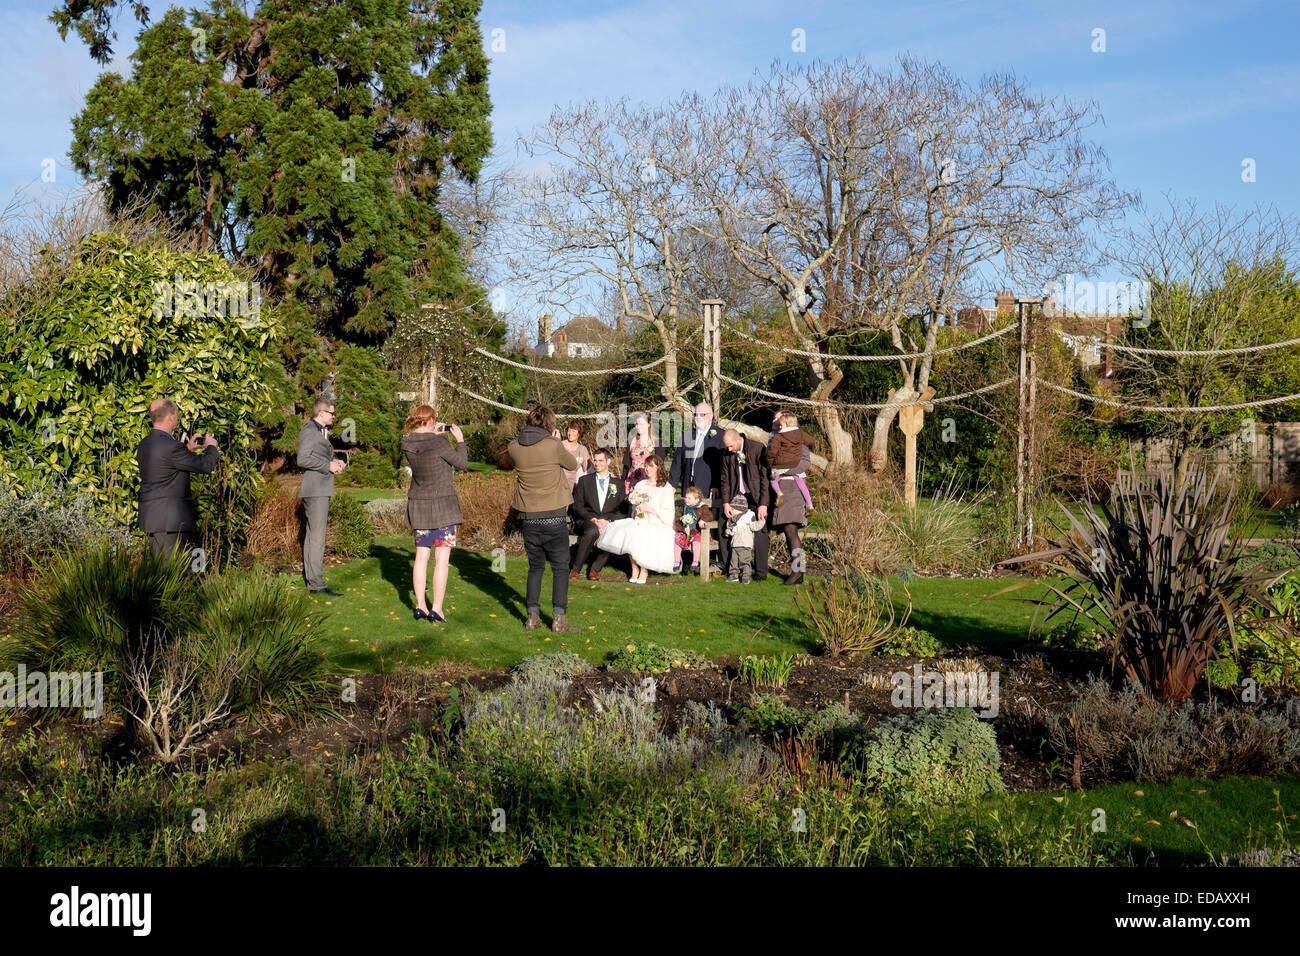 Boda foto llamada en los jardines del palacio episcopal chichester, West Sussex, Inglaterra Imagen De Stock